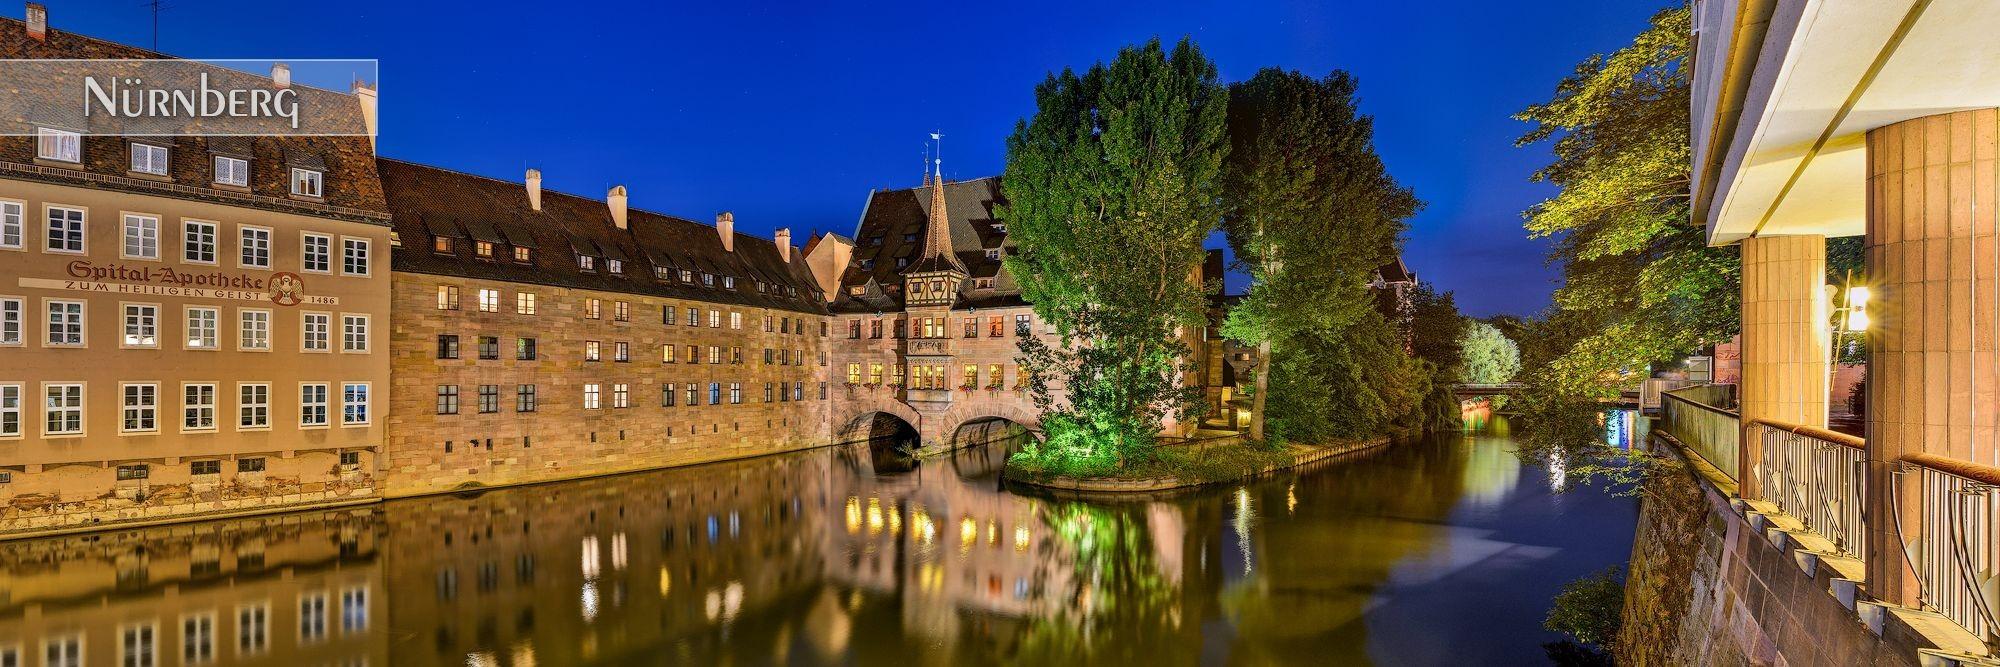 FineArt & Panoramabilder als Wandbild und Küchenrückwand aus Nürnberg